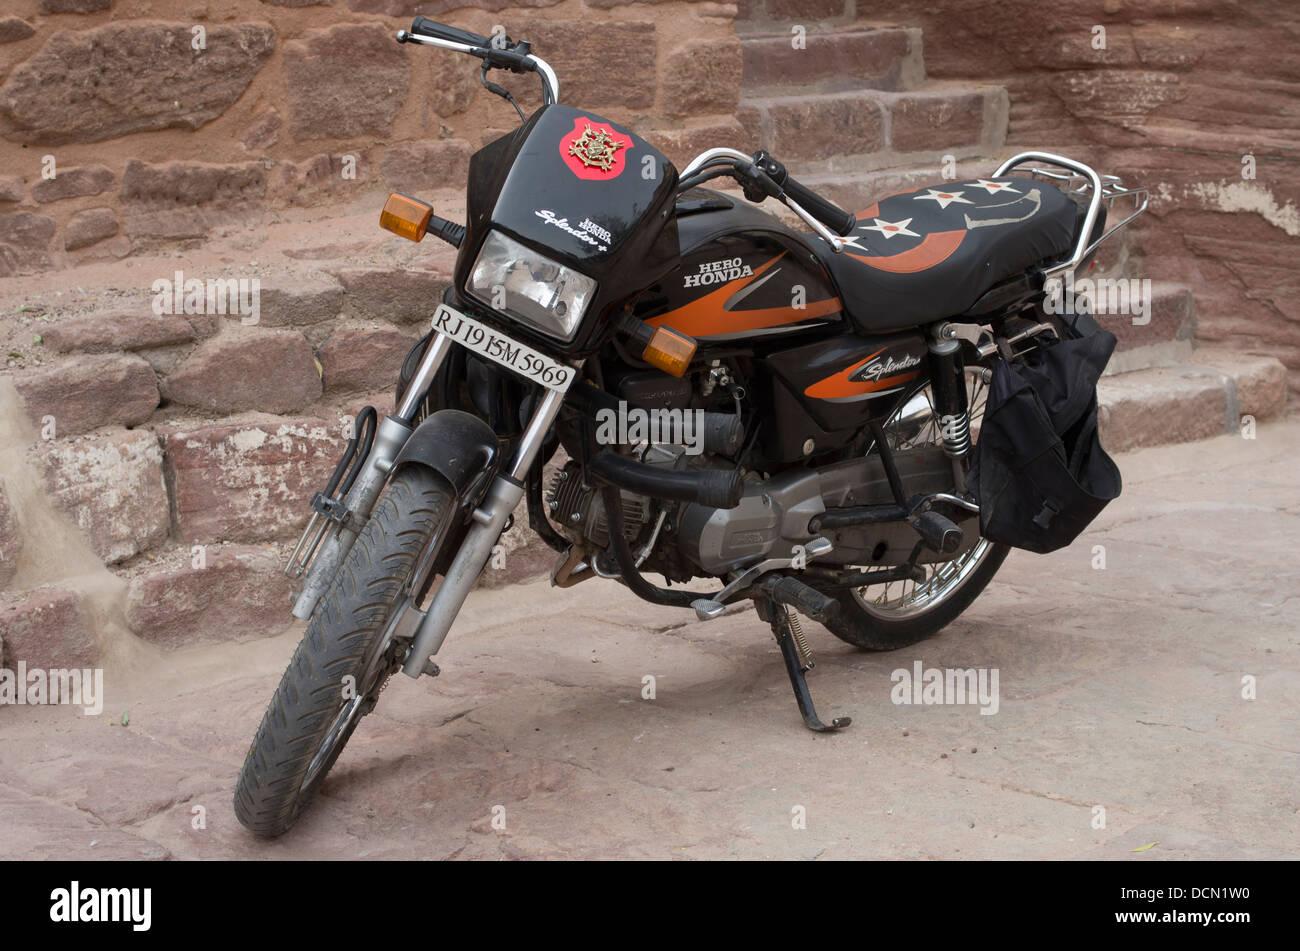 Honda Hero Motorbike -  Jodhpur, India - Stock Image